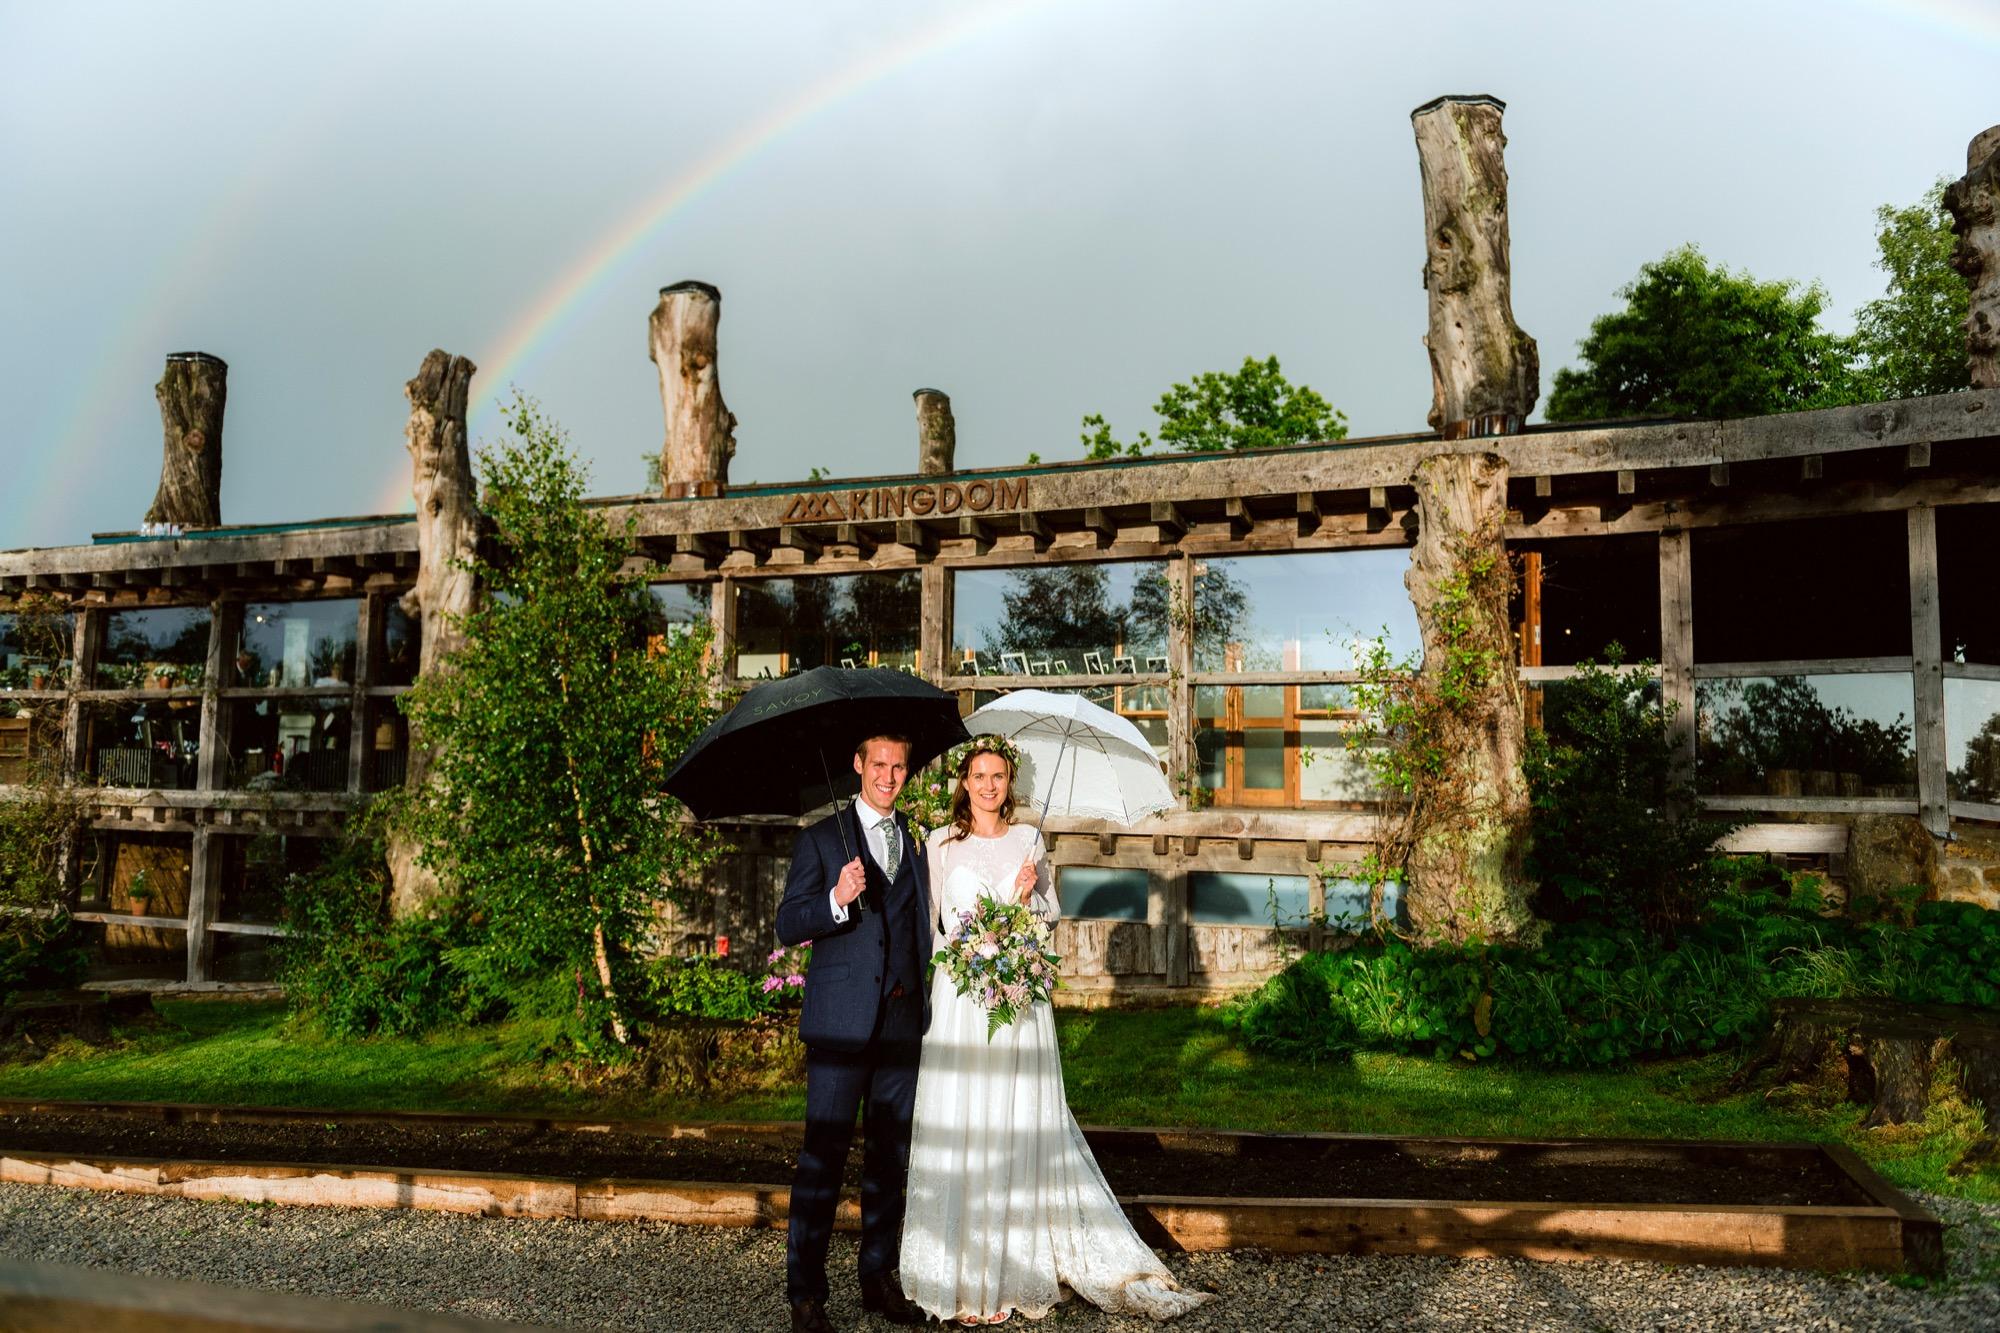 Nessa and Mark wedding 08 06 19-936.jpg